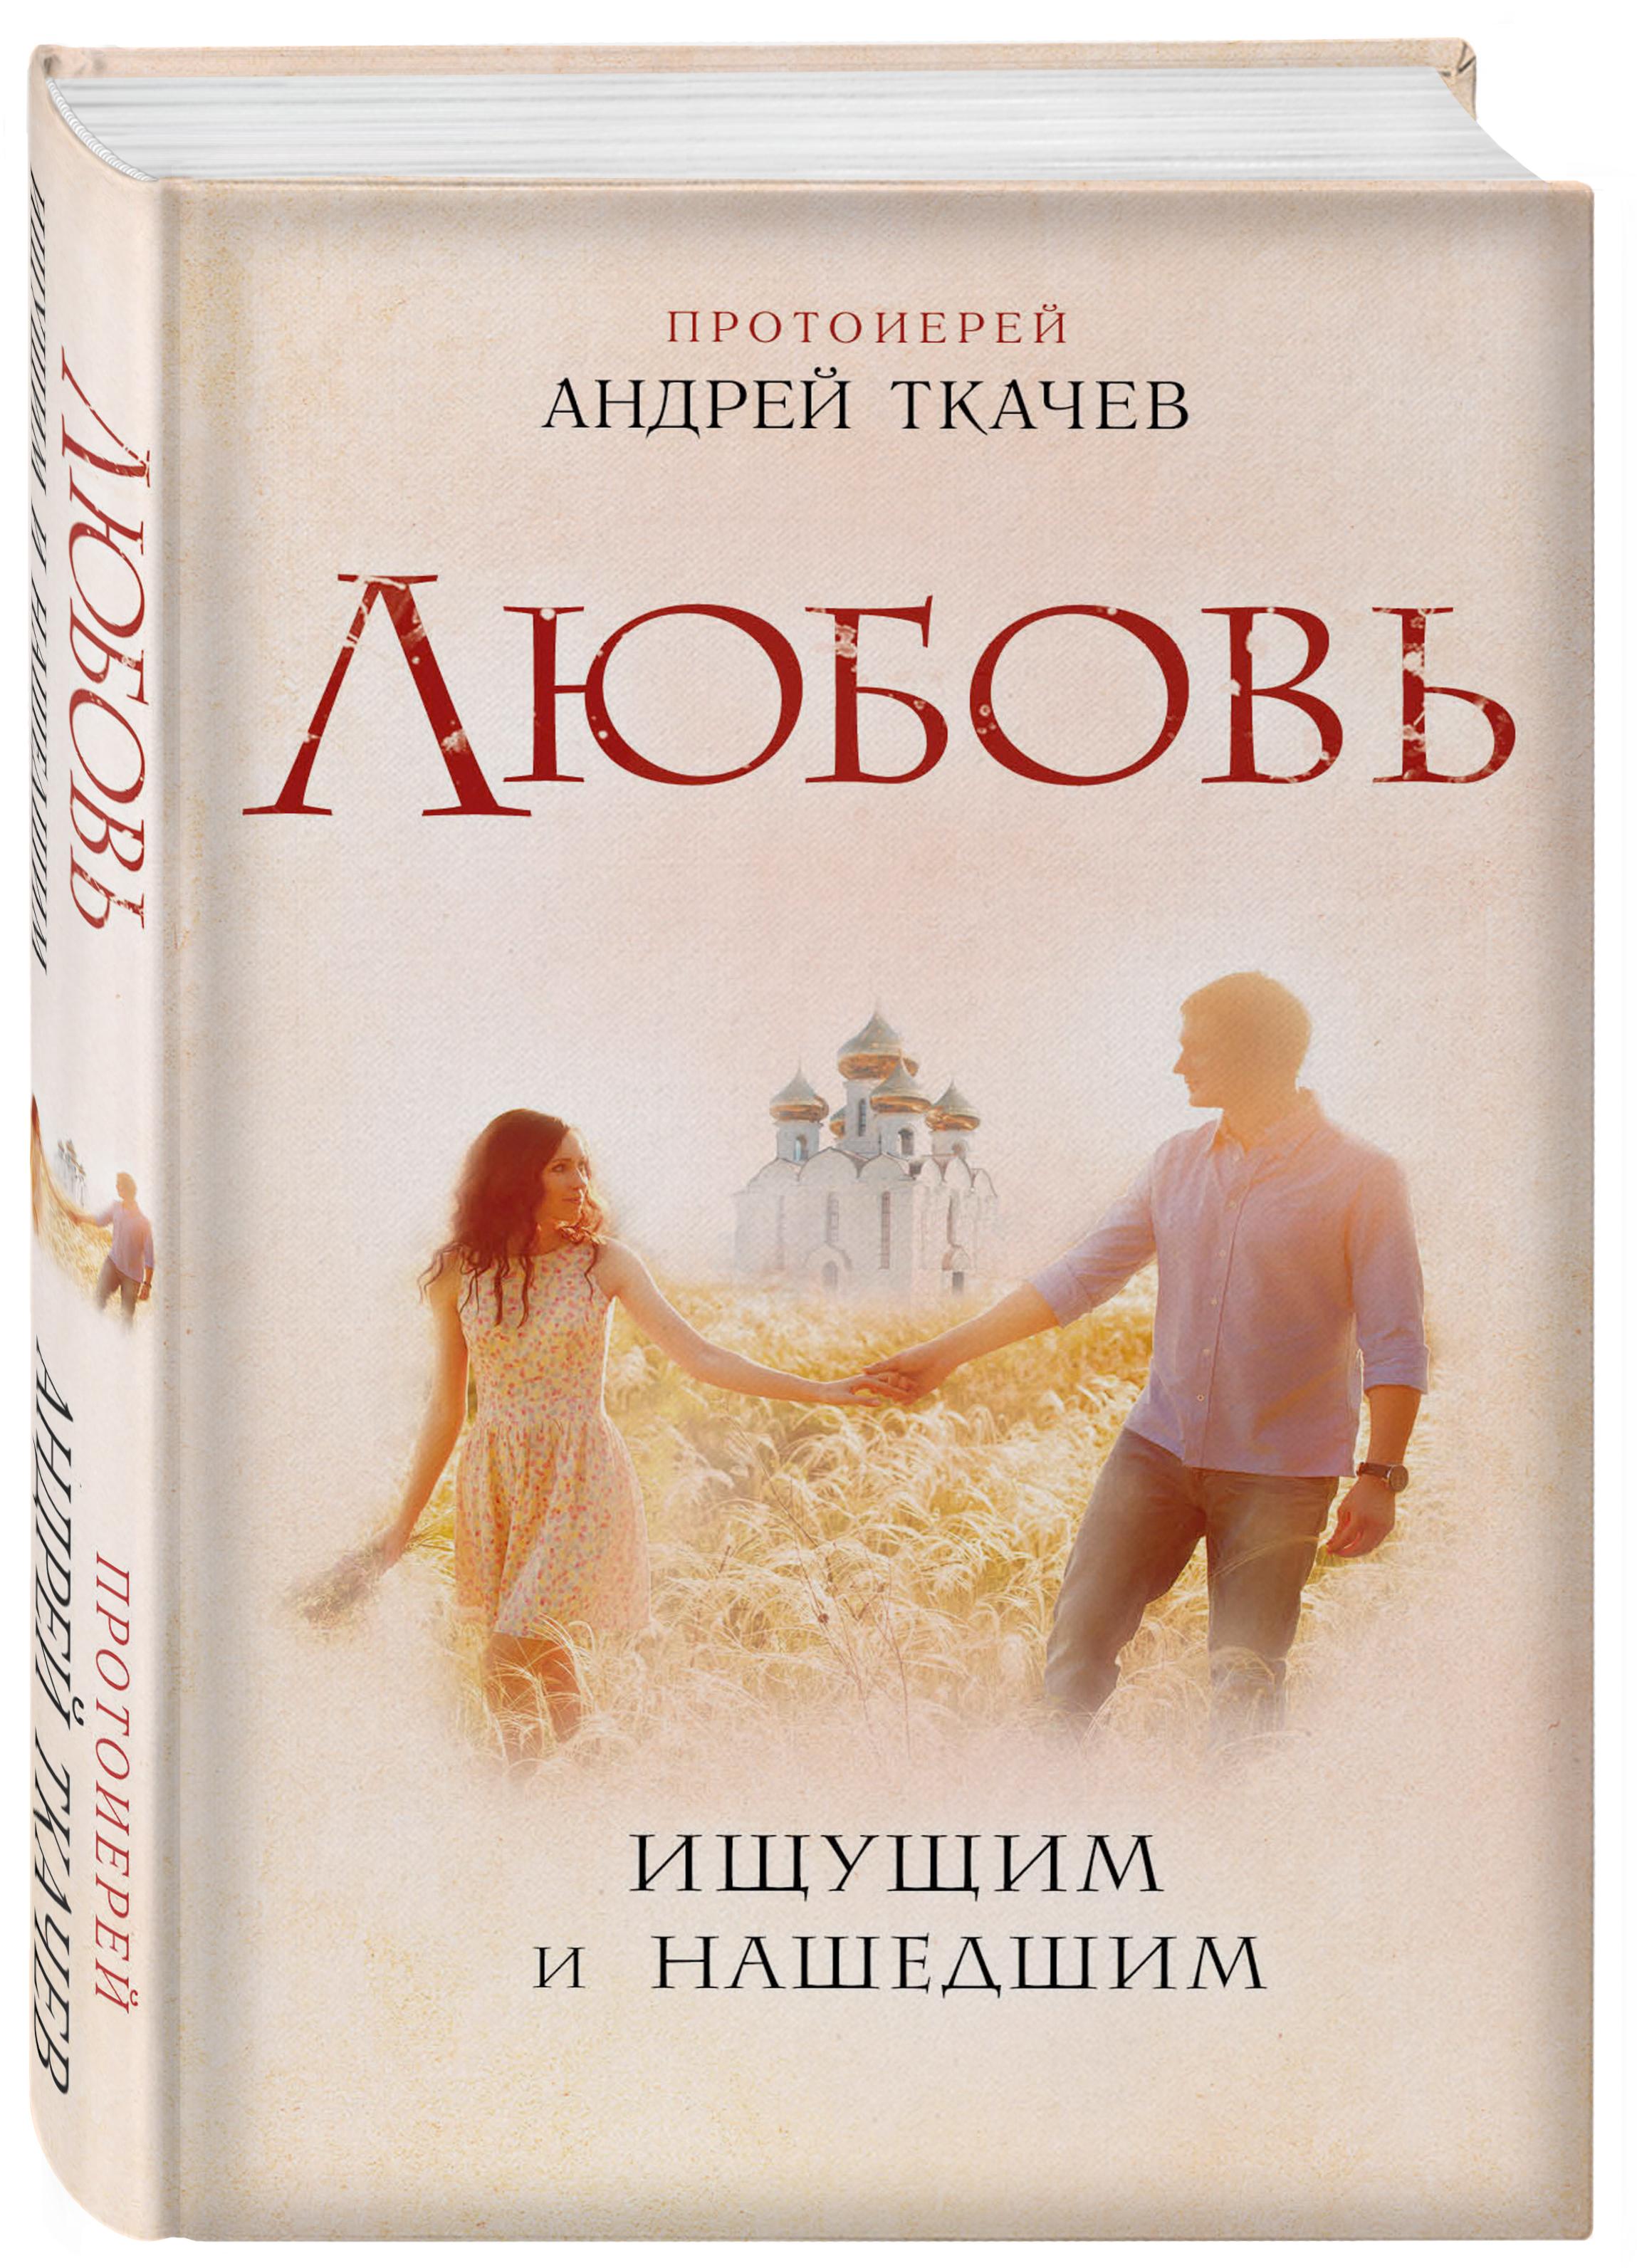 Протоиерей Андрей Ткачев Любовь. Ищущим и нашедшим комлев и ковыль